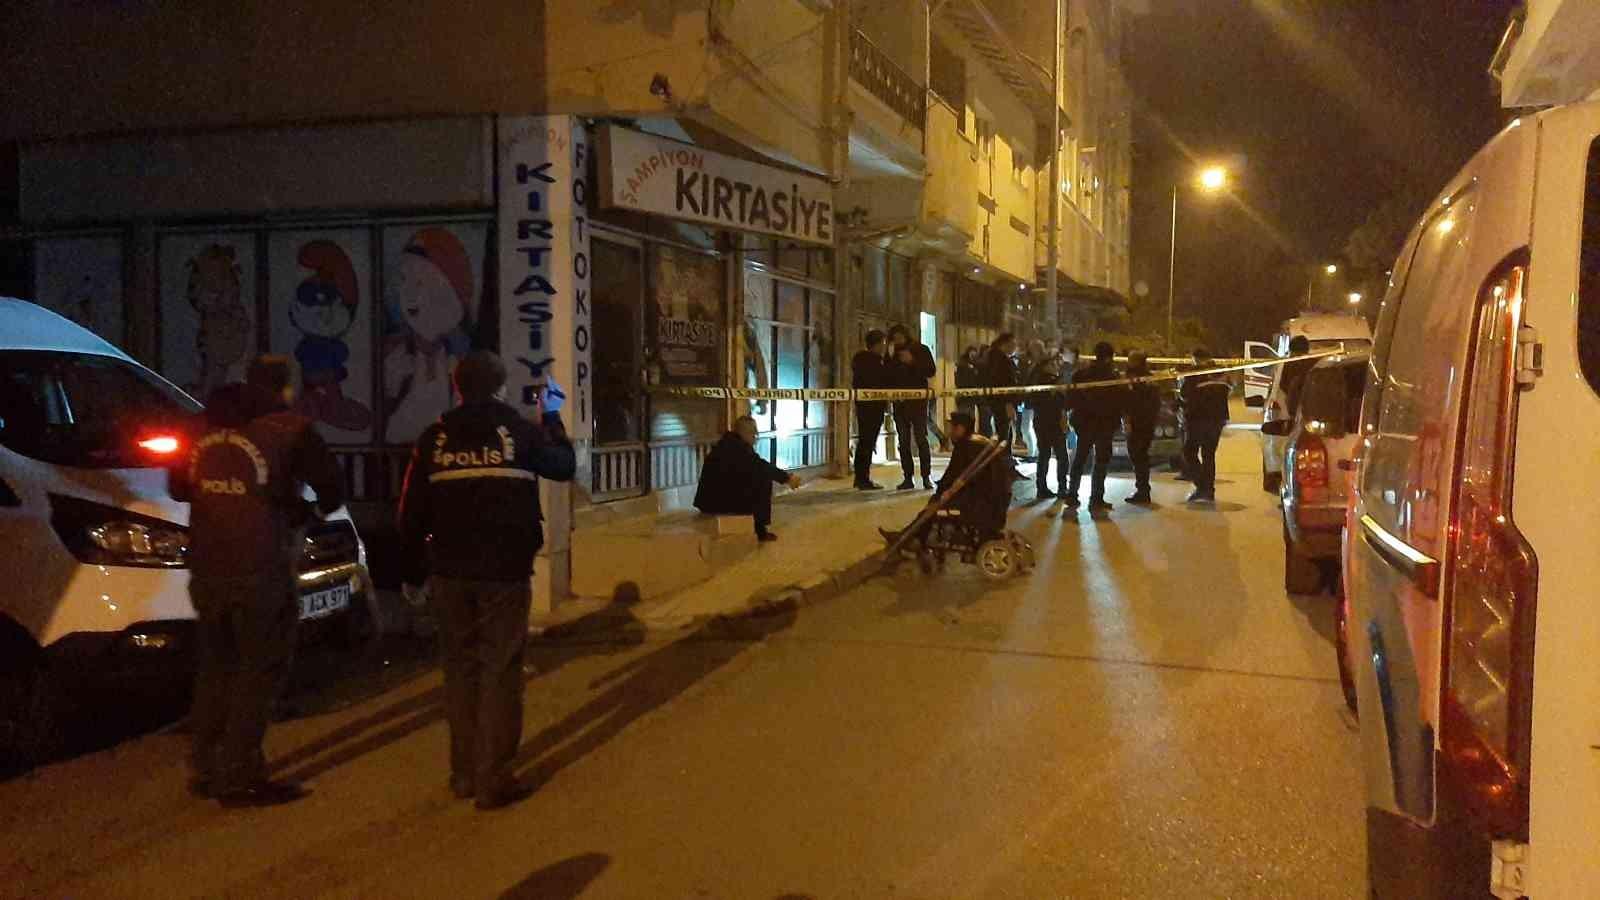 Dernekteki sözlü tartışma silahlı kavgaya dönüştü: 2 ölü, 2 yaralı #corum